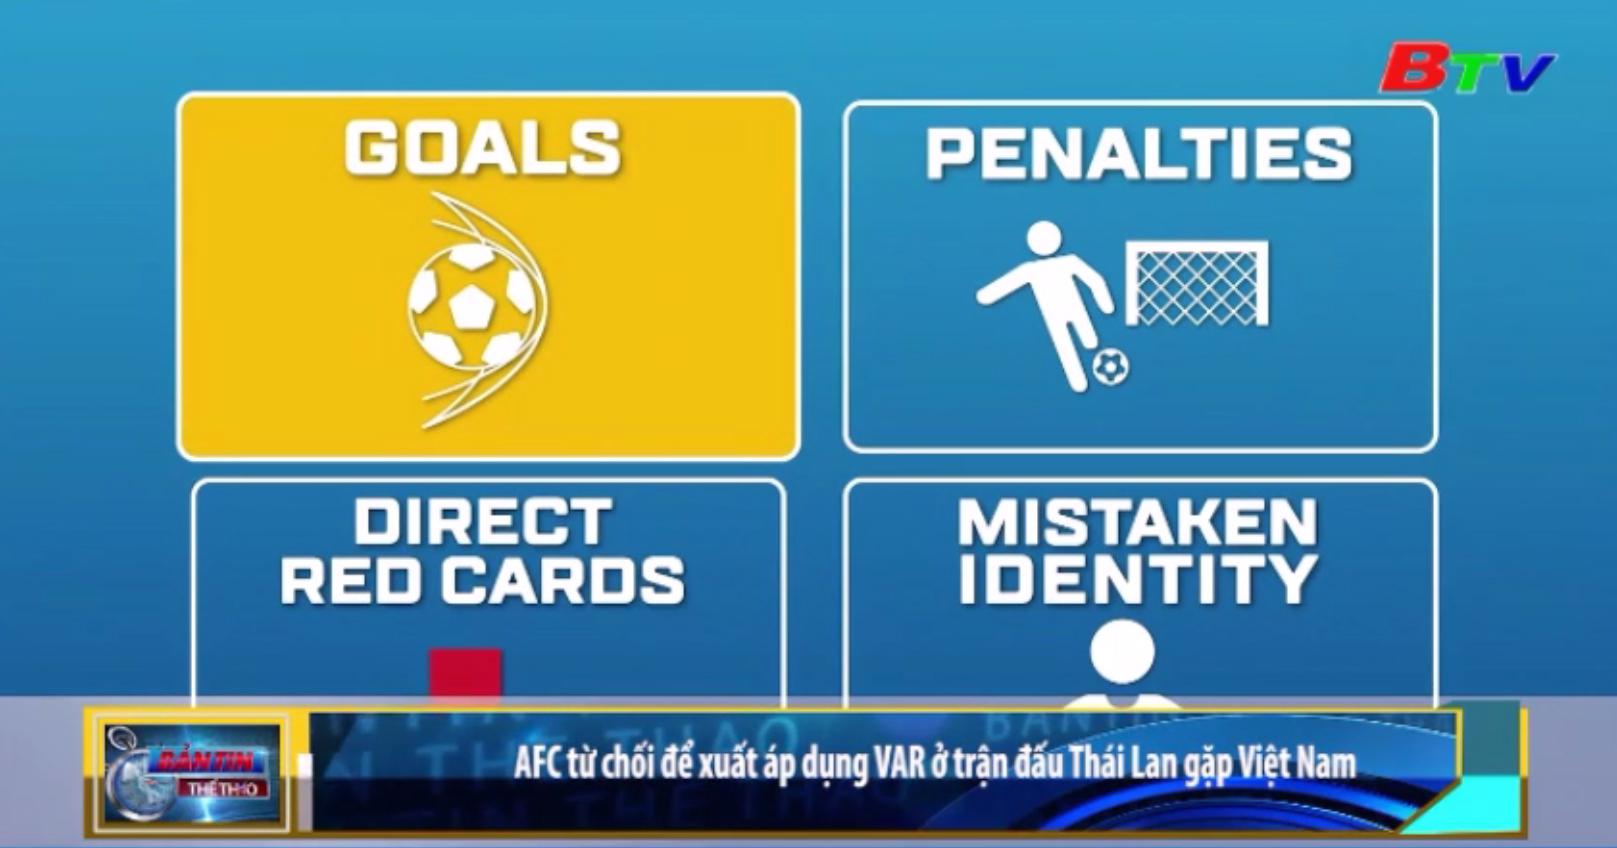 AFC từ chối đề xuất áp dụng VAR ở trận đấu Thái Lan gặp Việt Nam